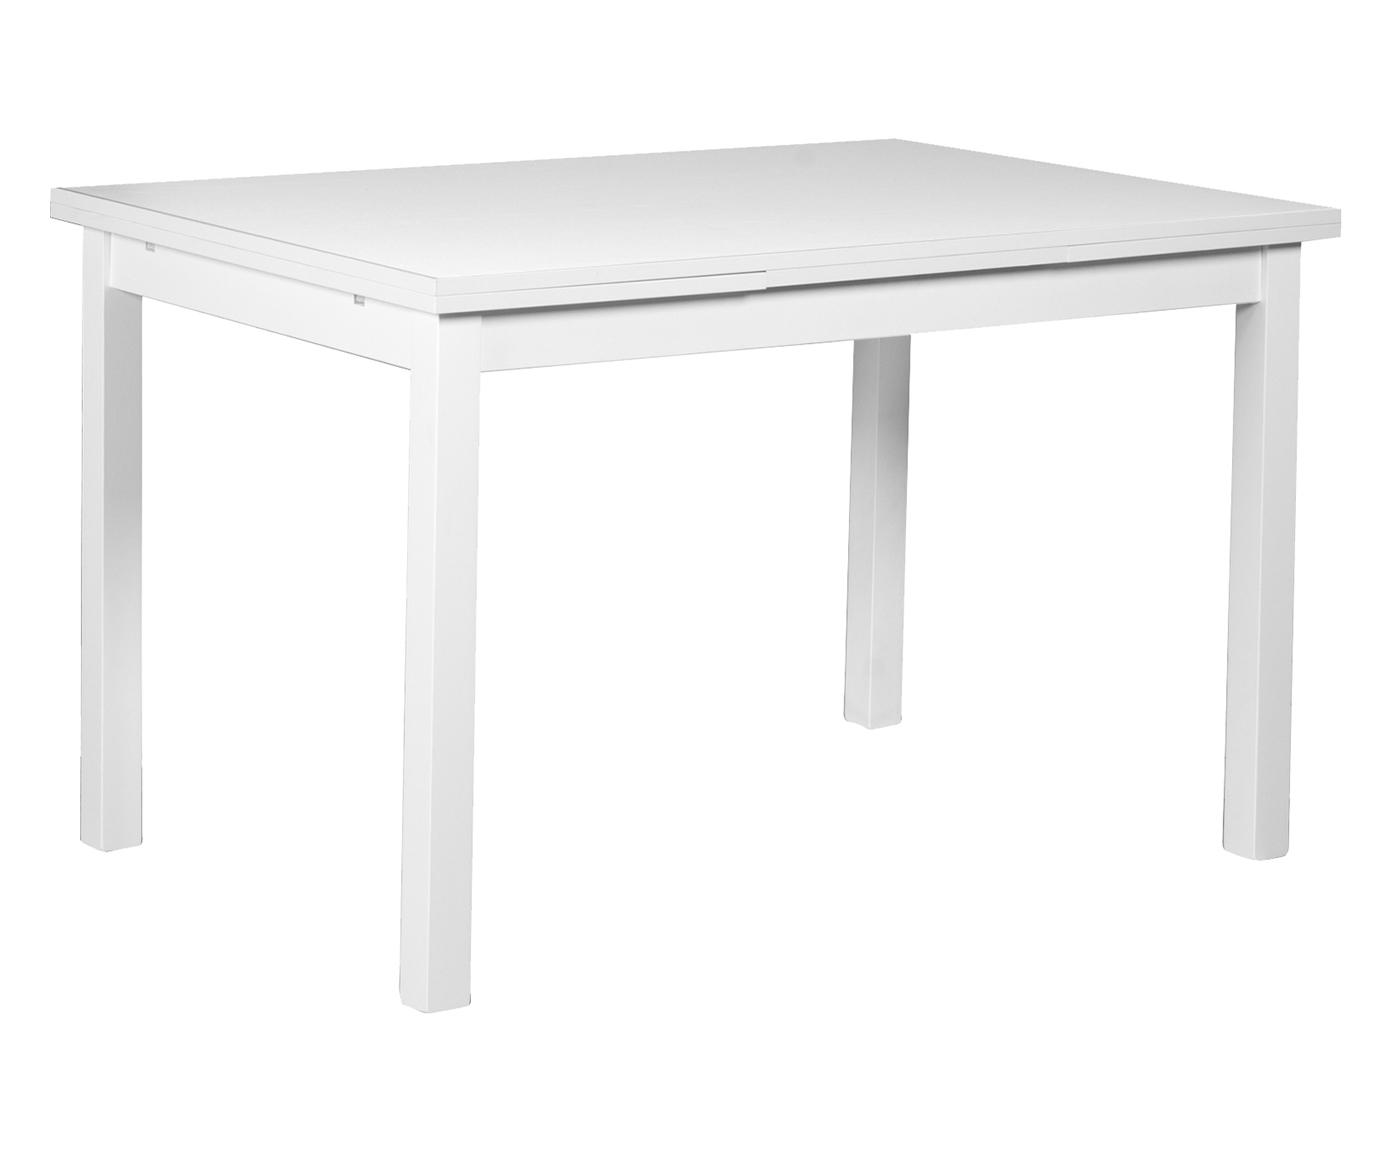 Tavolo allungabile legno pino 80x80 colore noce prezzo e offerte sottocosto - Tavolo olivia calligaris prezzo ...